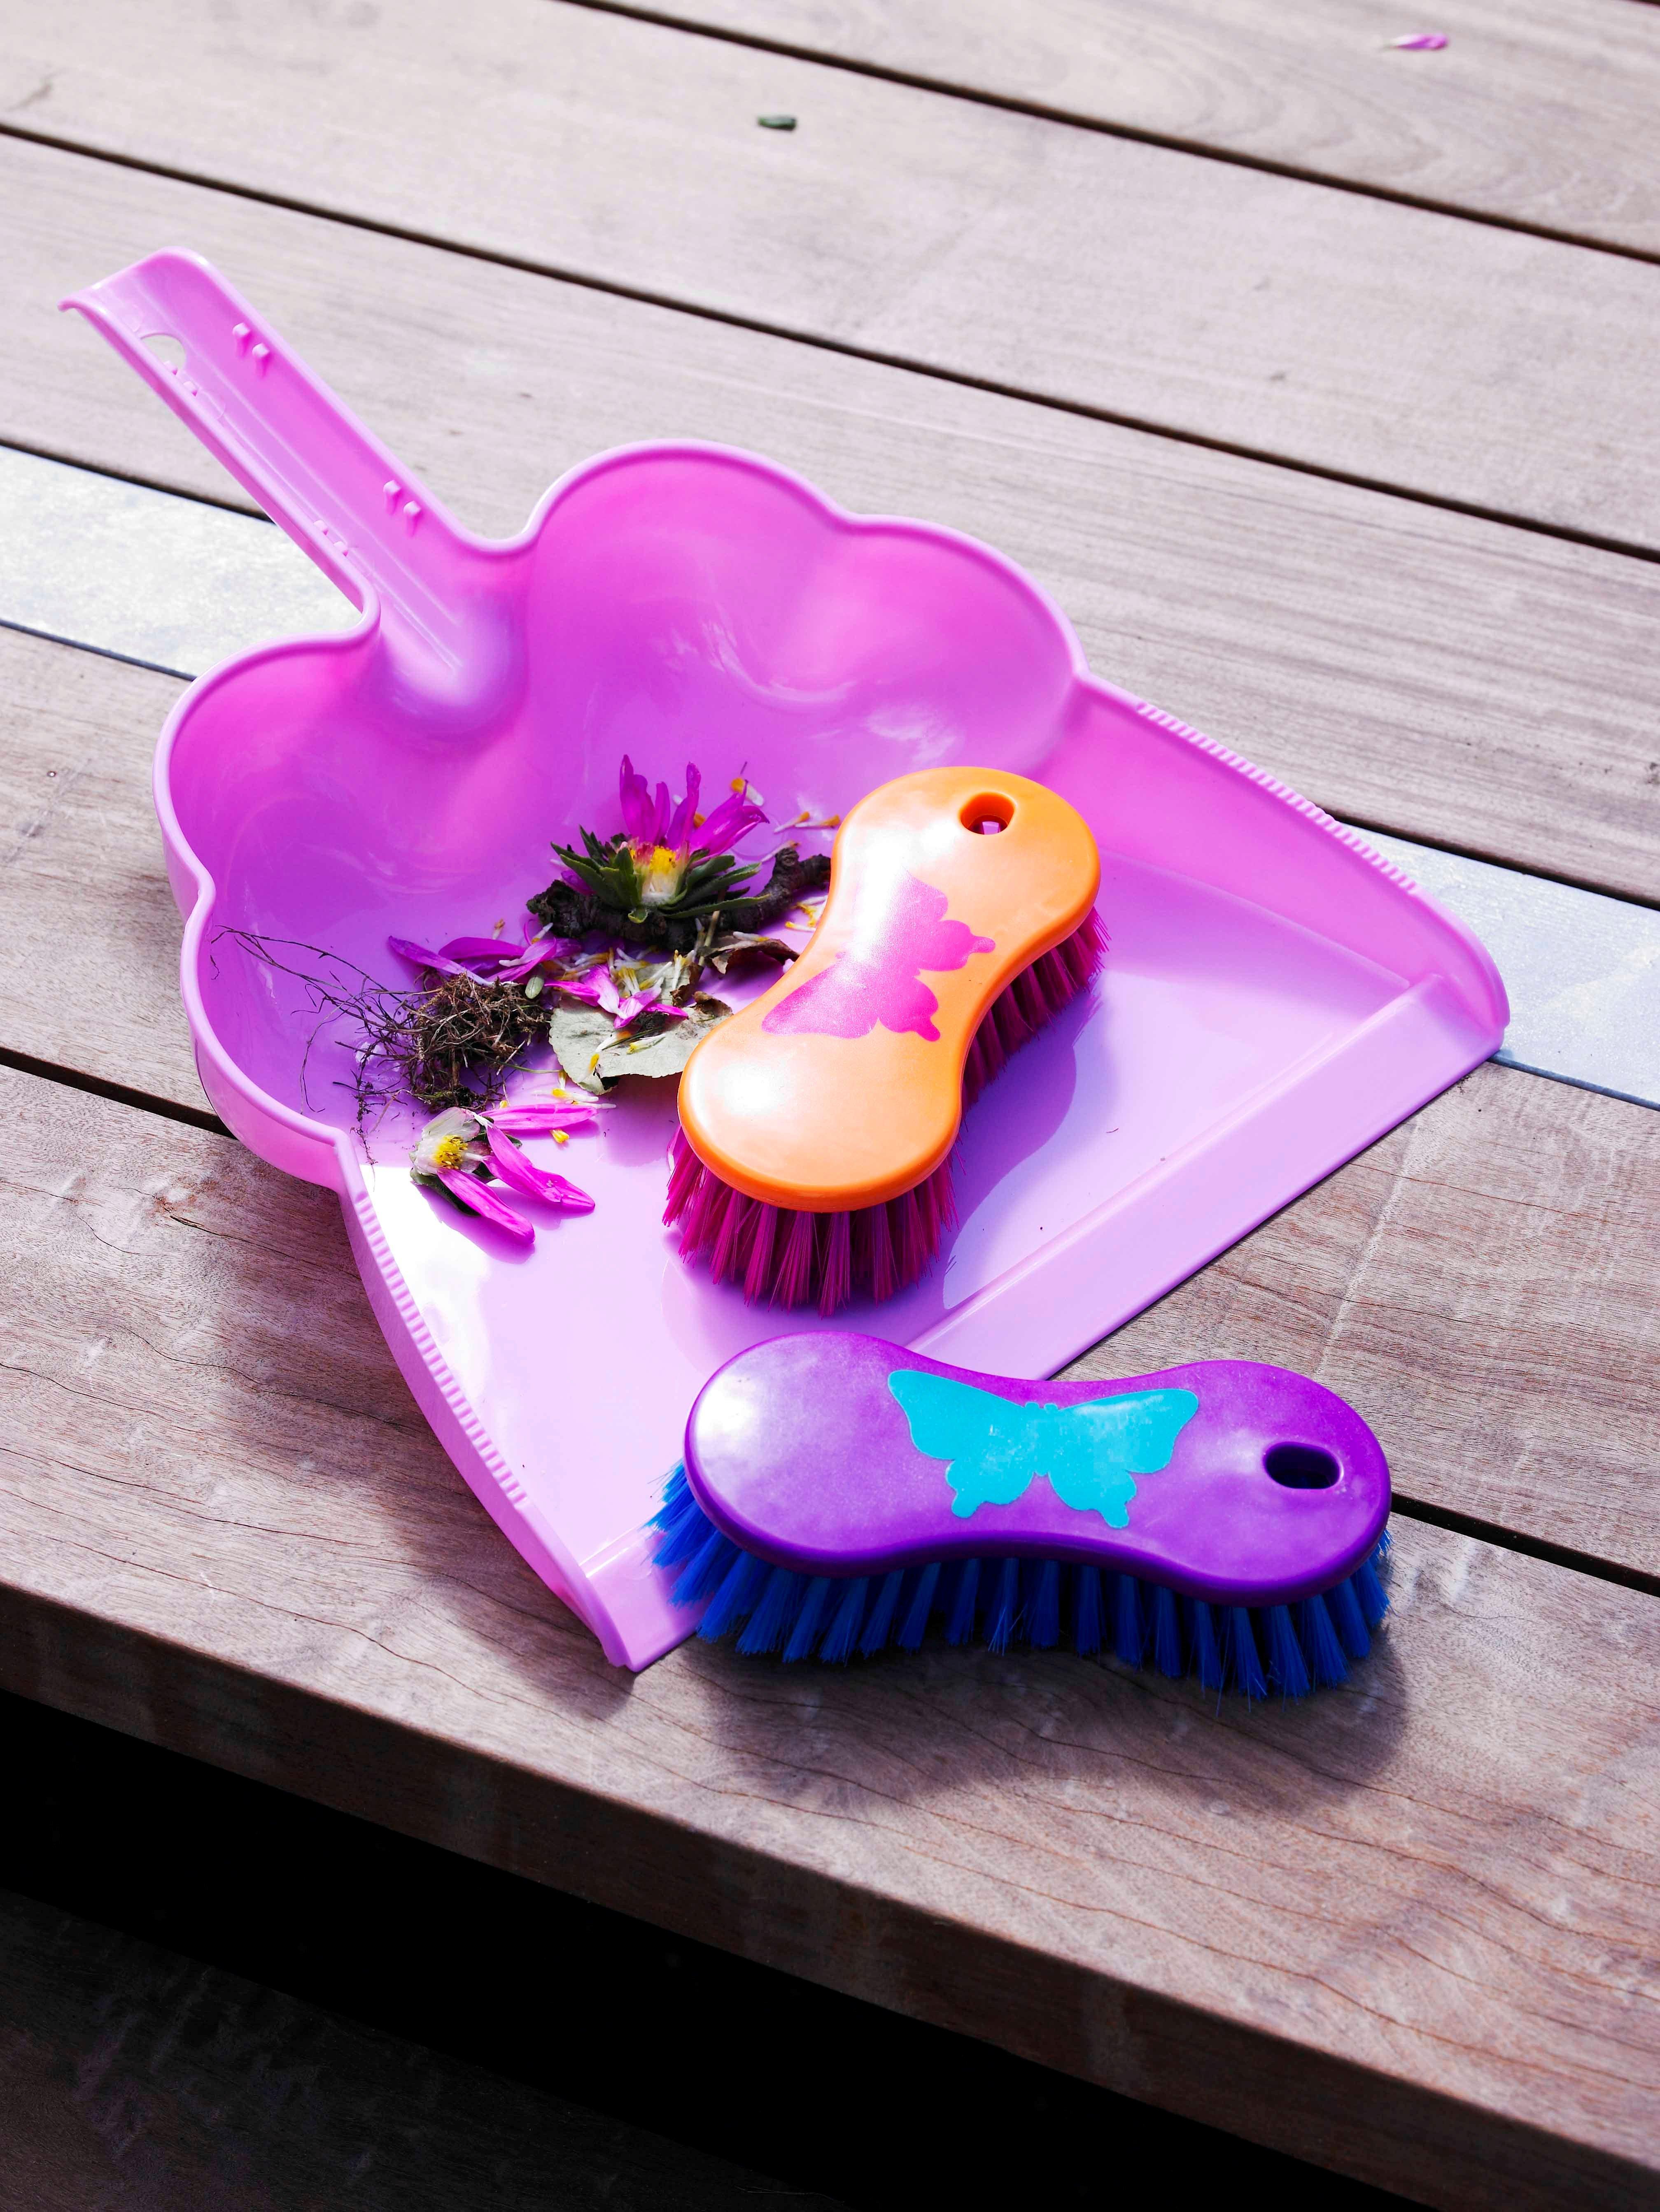 Liebenswert Online liebenswert-online + startseite + clean home - haushaltshelfer +